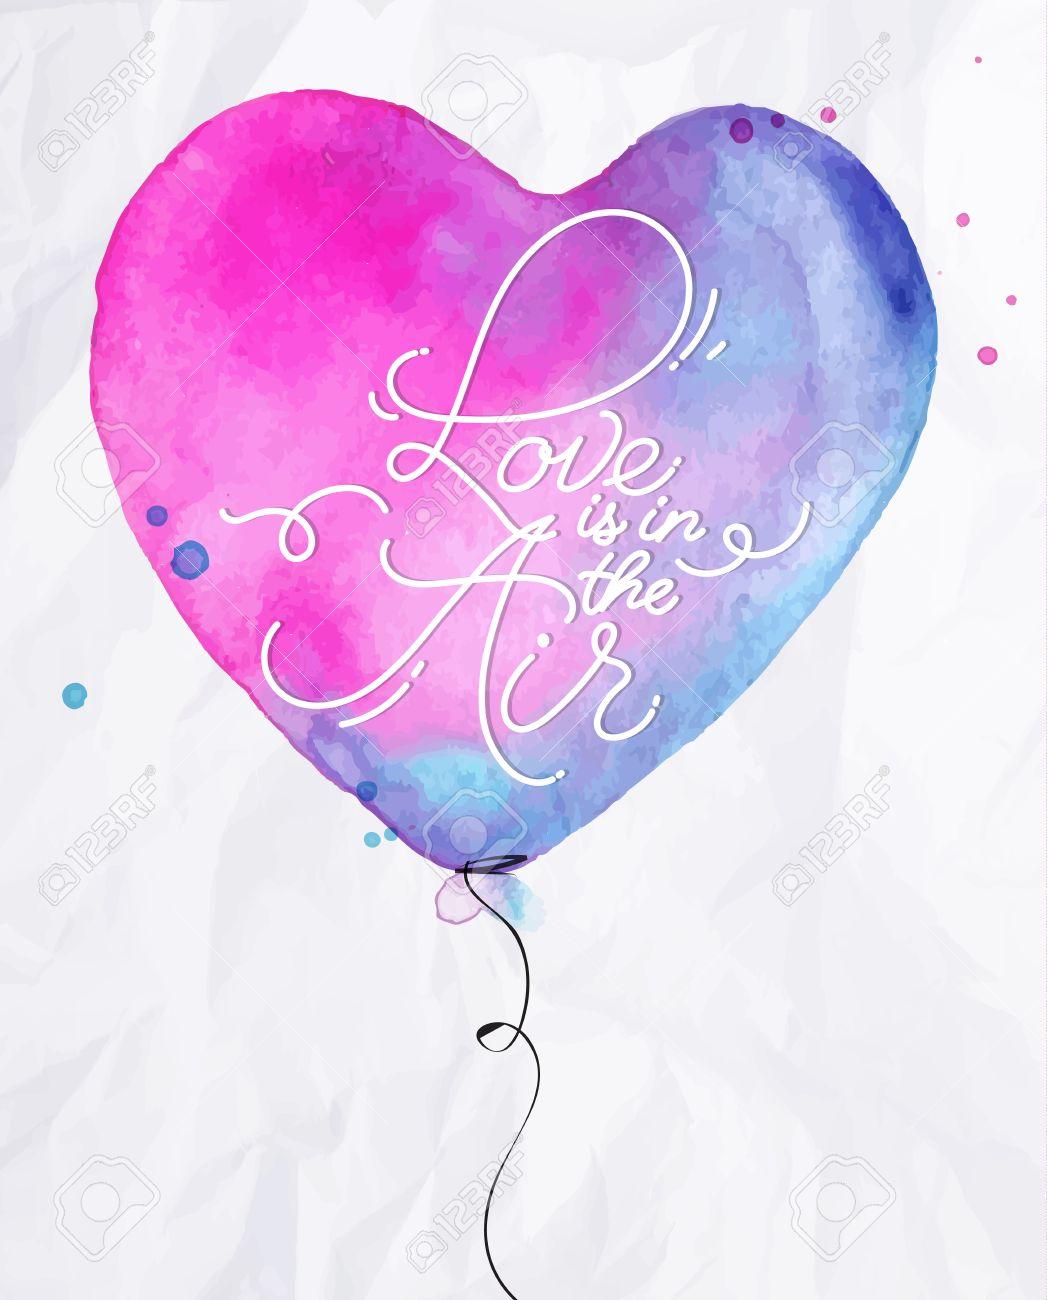 amour aquarelle ballon a air coeur lettrage amour est dans le dessin de l air avec du rose et bleu sur fond de papier froisse